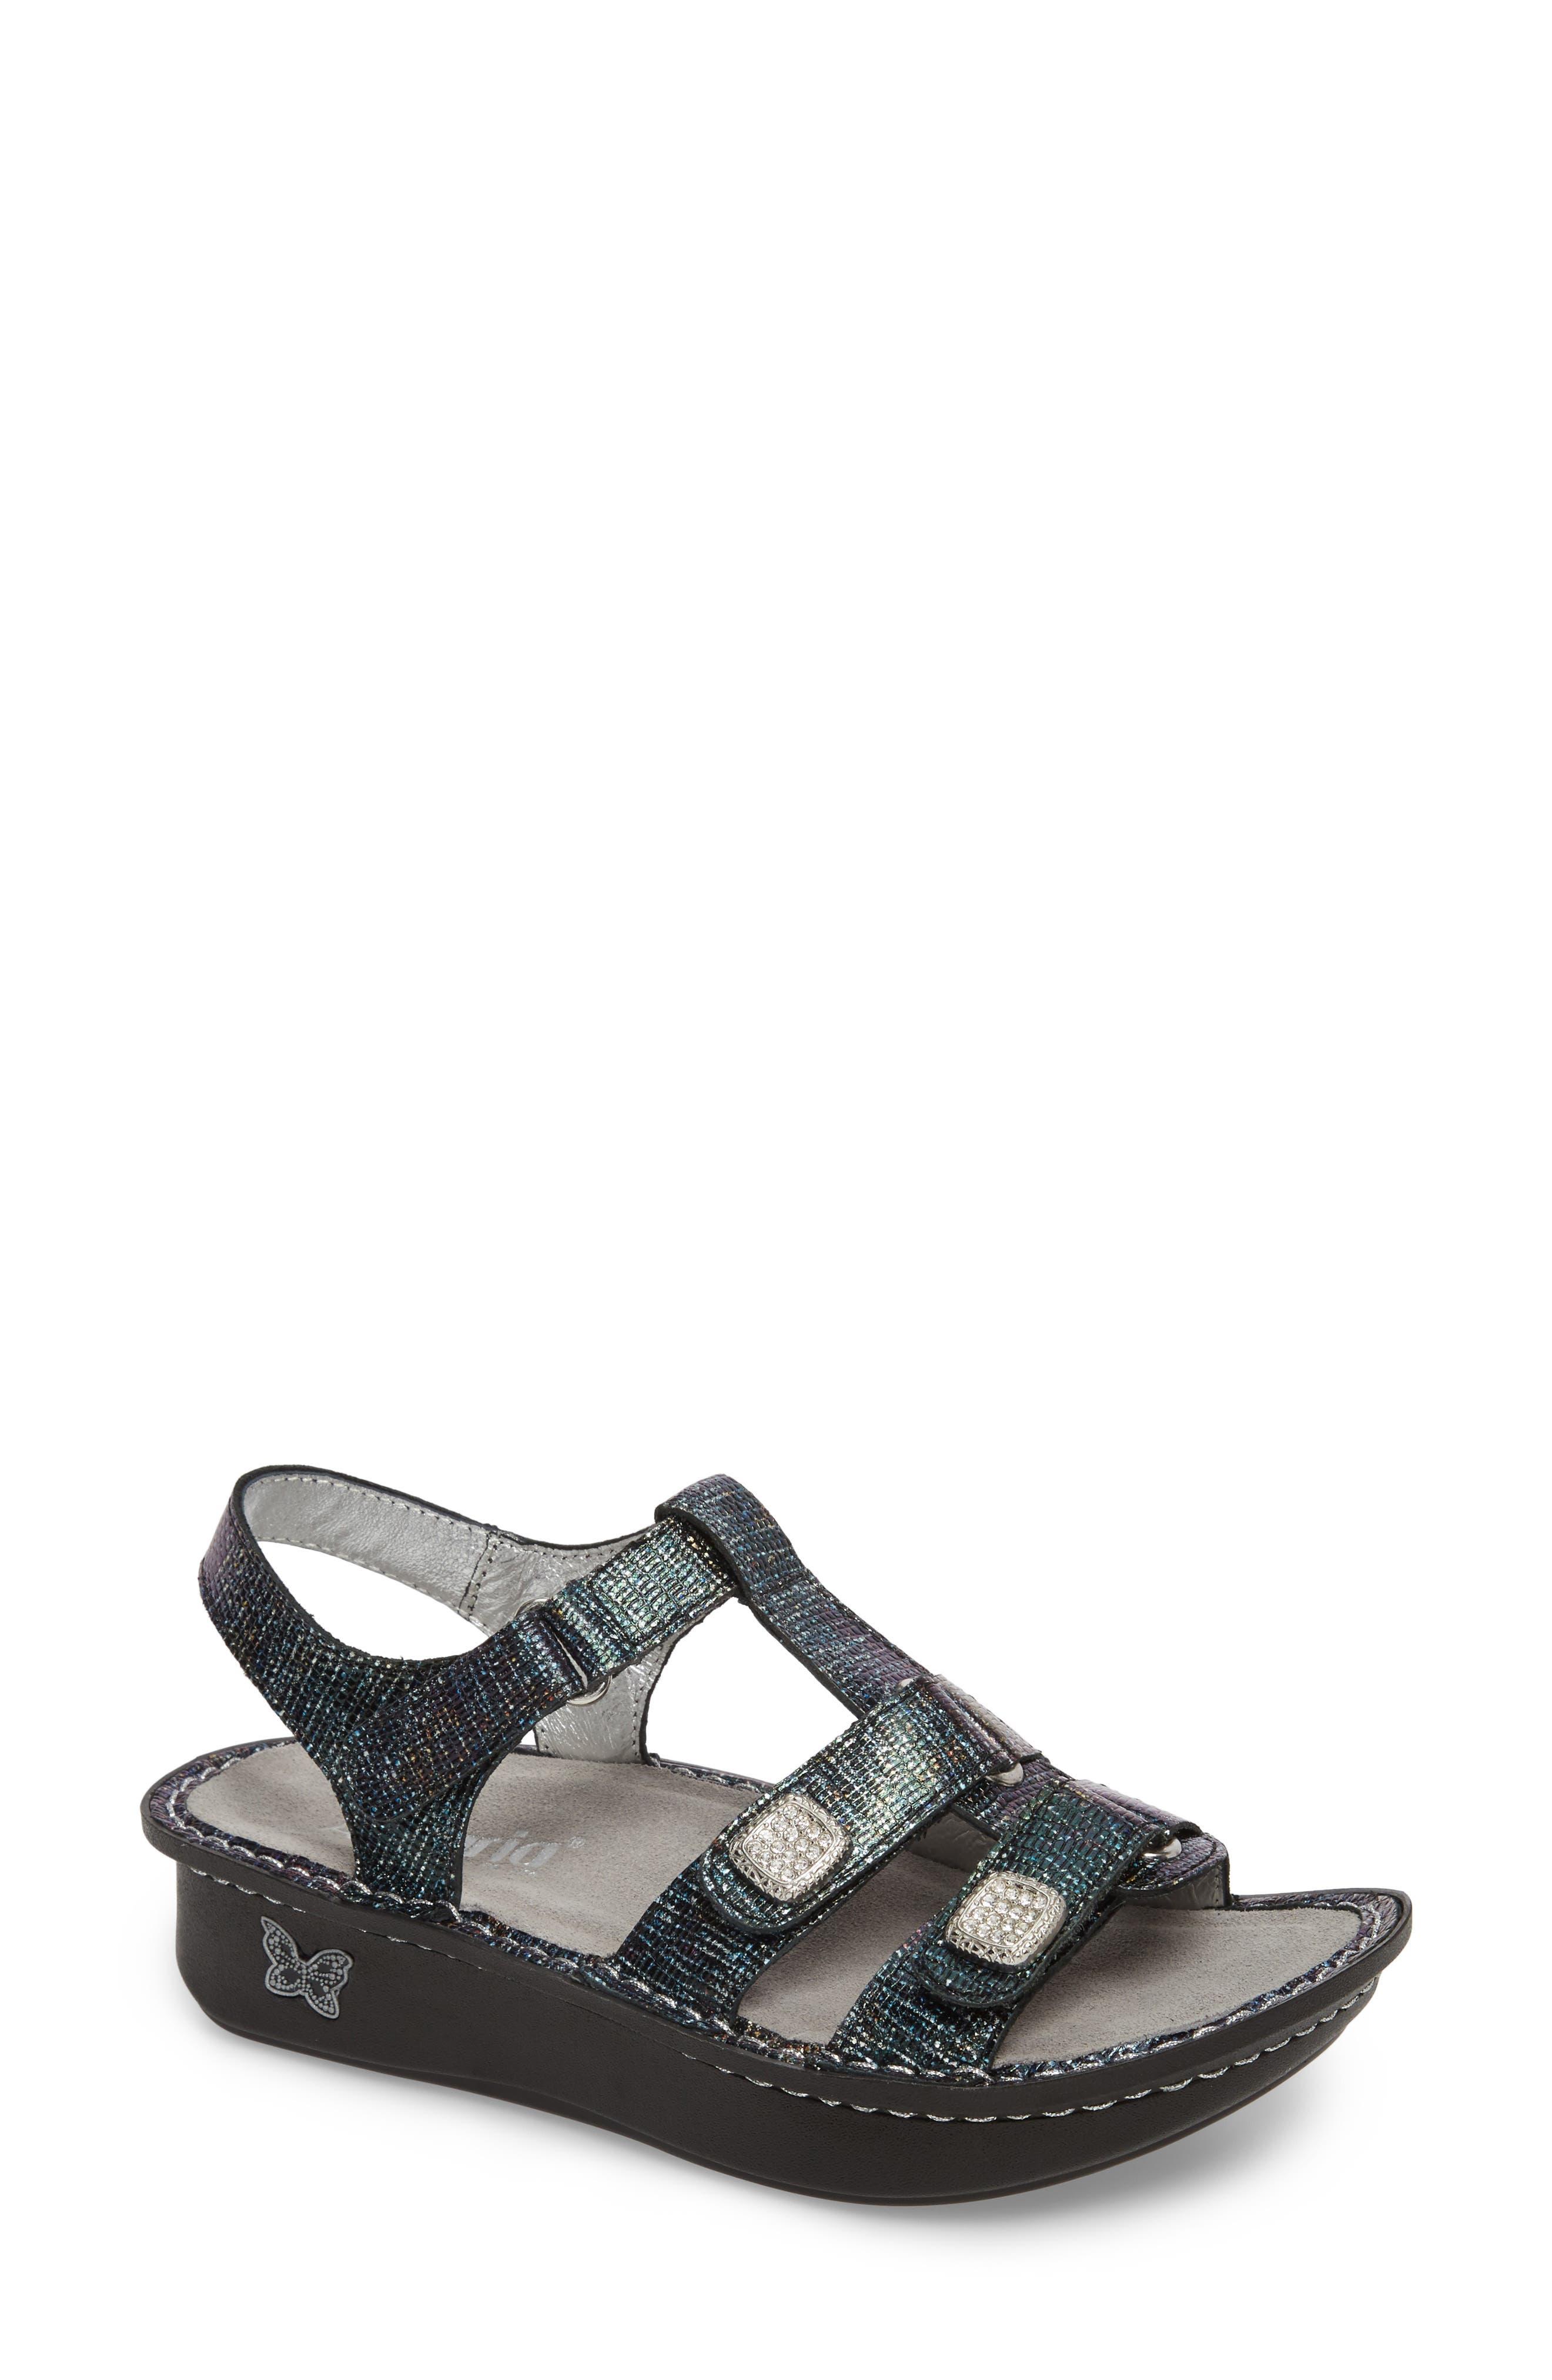 'Kleo' Sandal,                             Main thumbnail 1, color,                             002